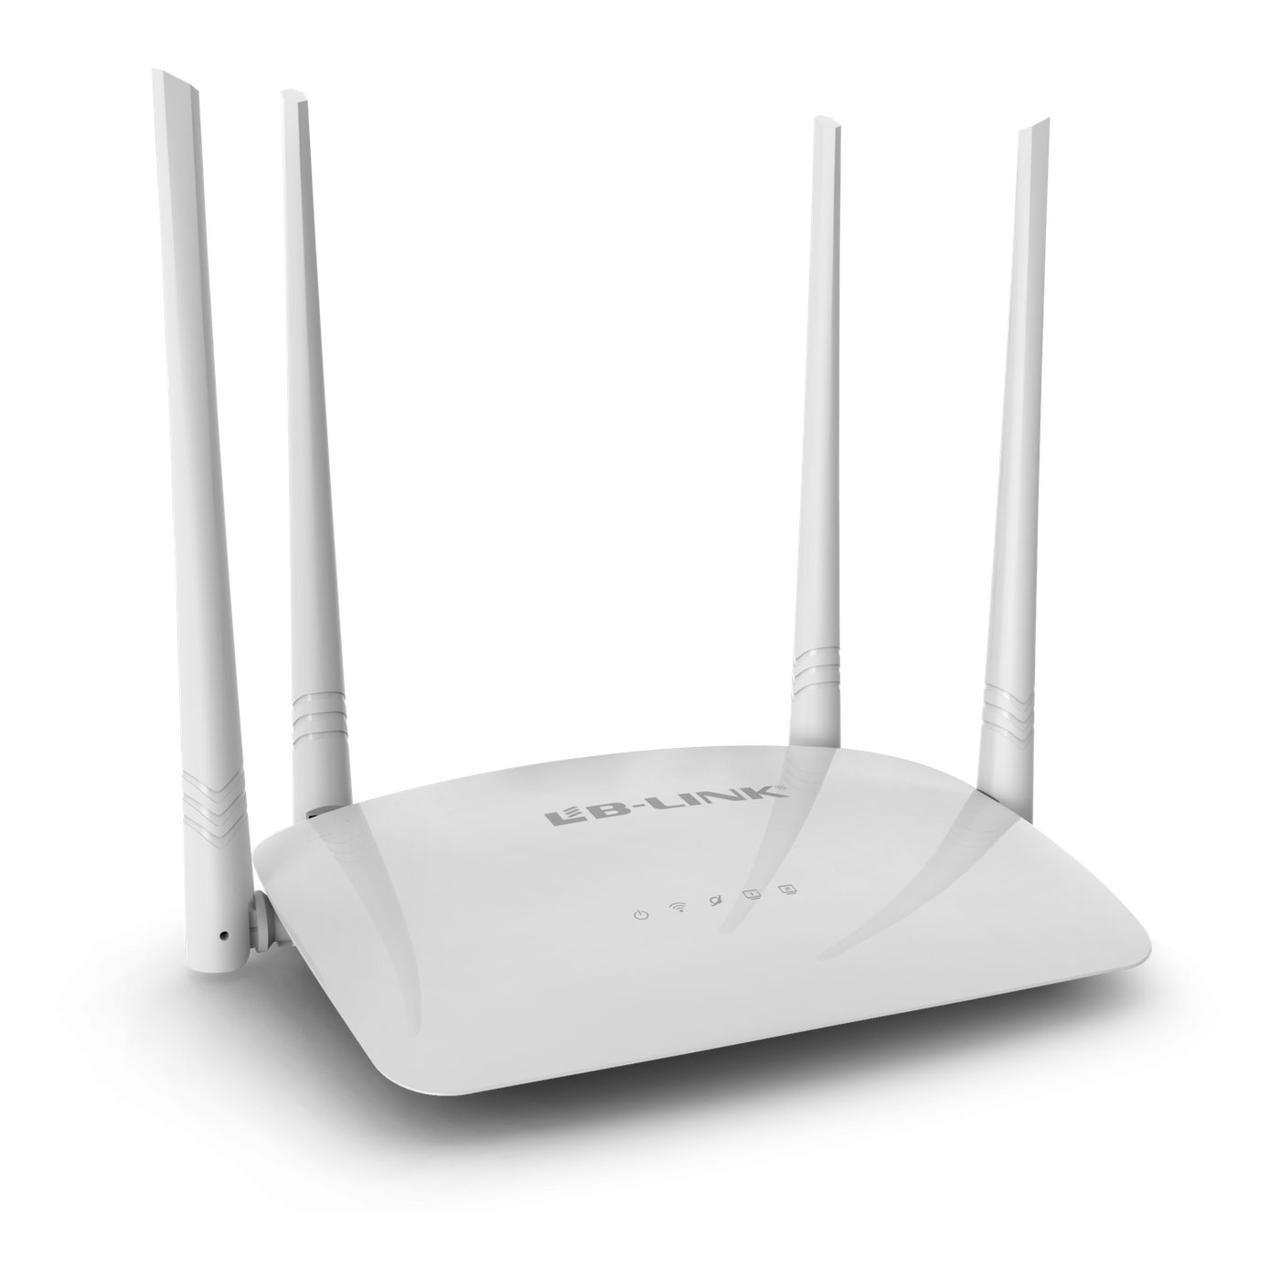 Wi-Fi роутер LB-Link BL-WR450H 2,4 GHz 300Mbps, дводіапазонний бездротової мережі маршрутизатор для дому